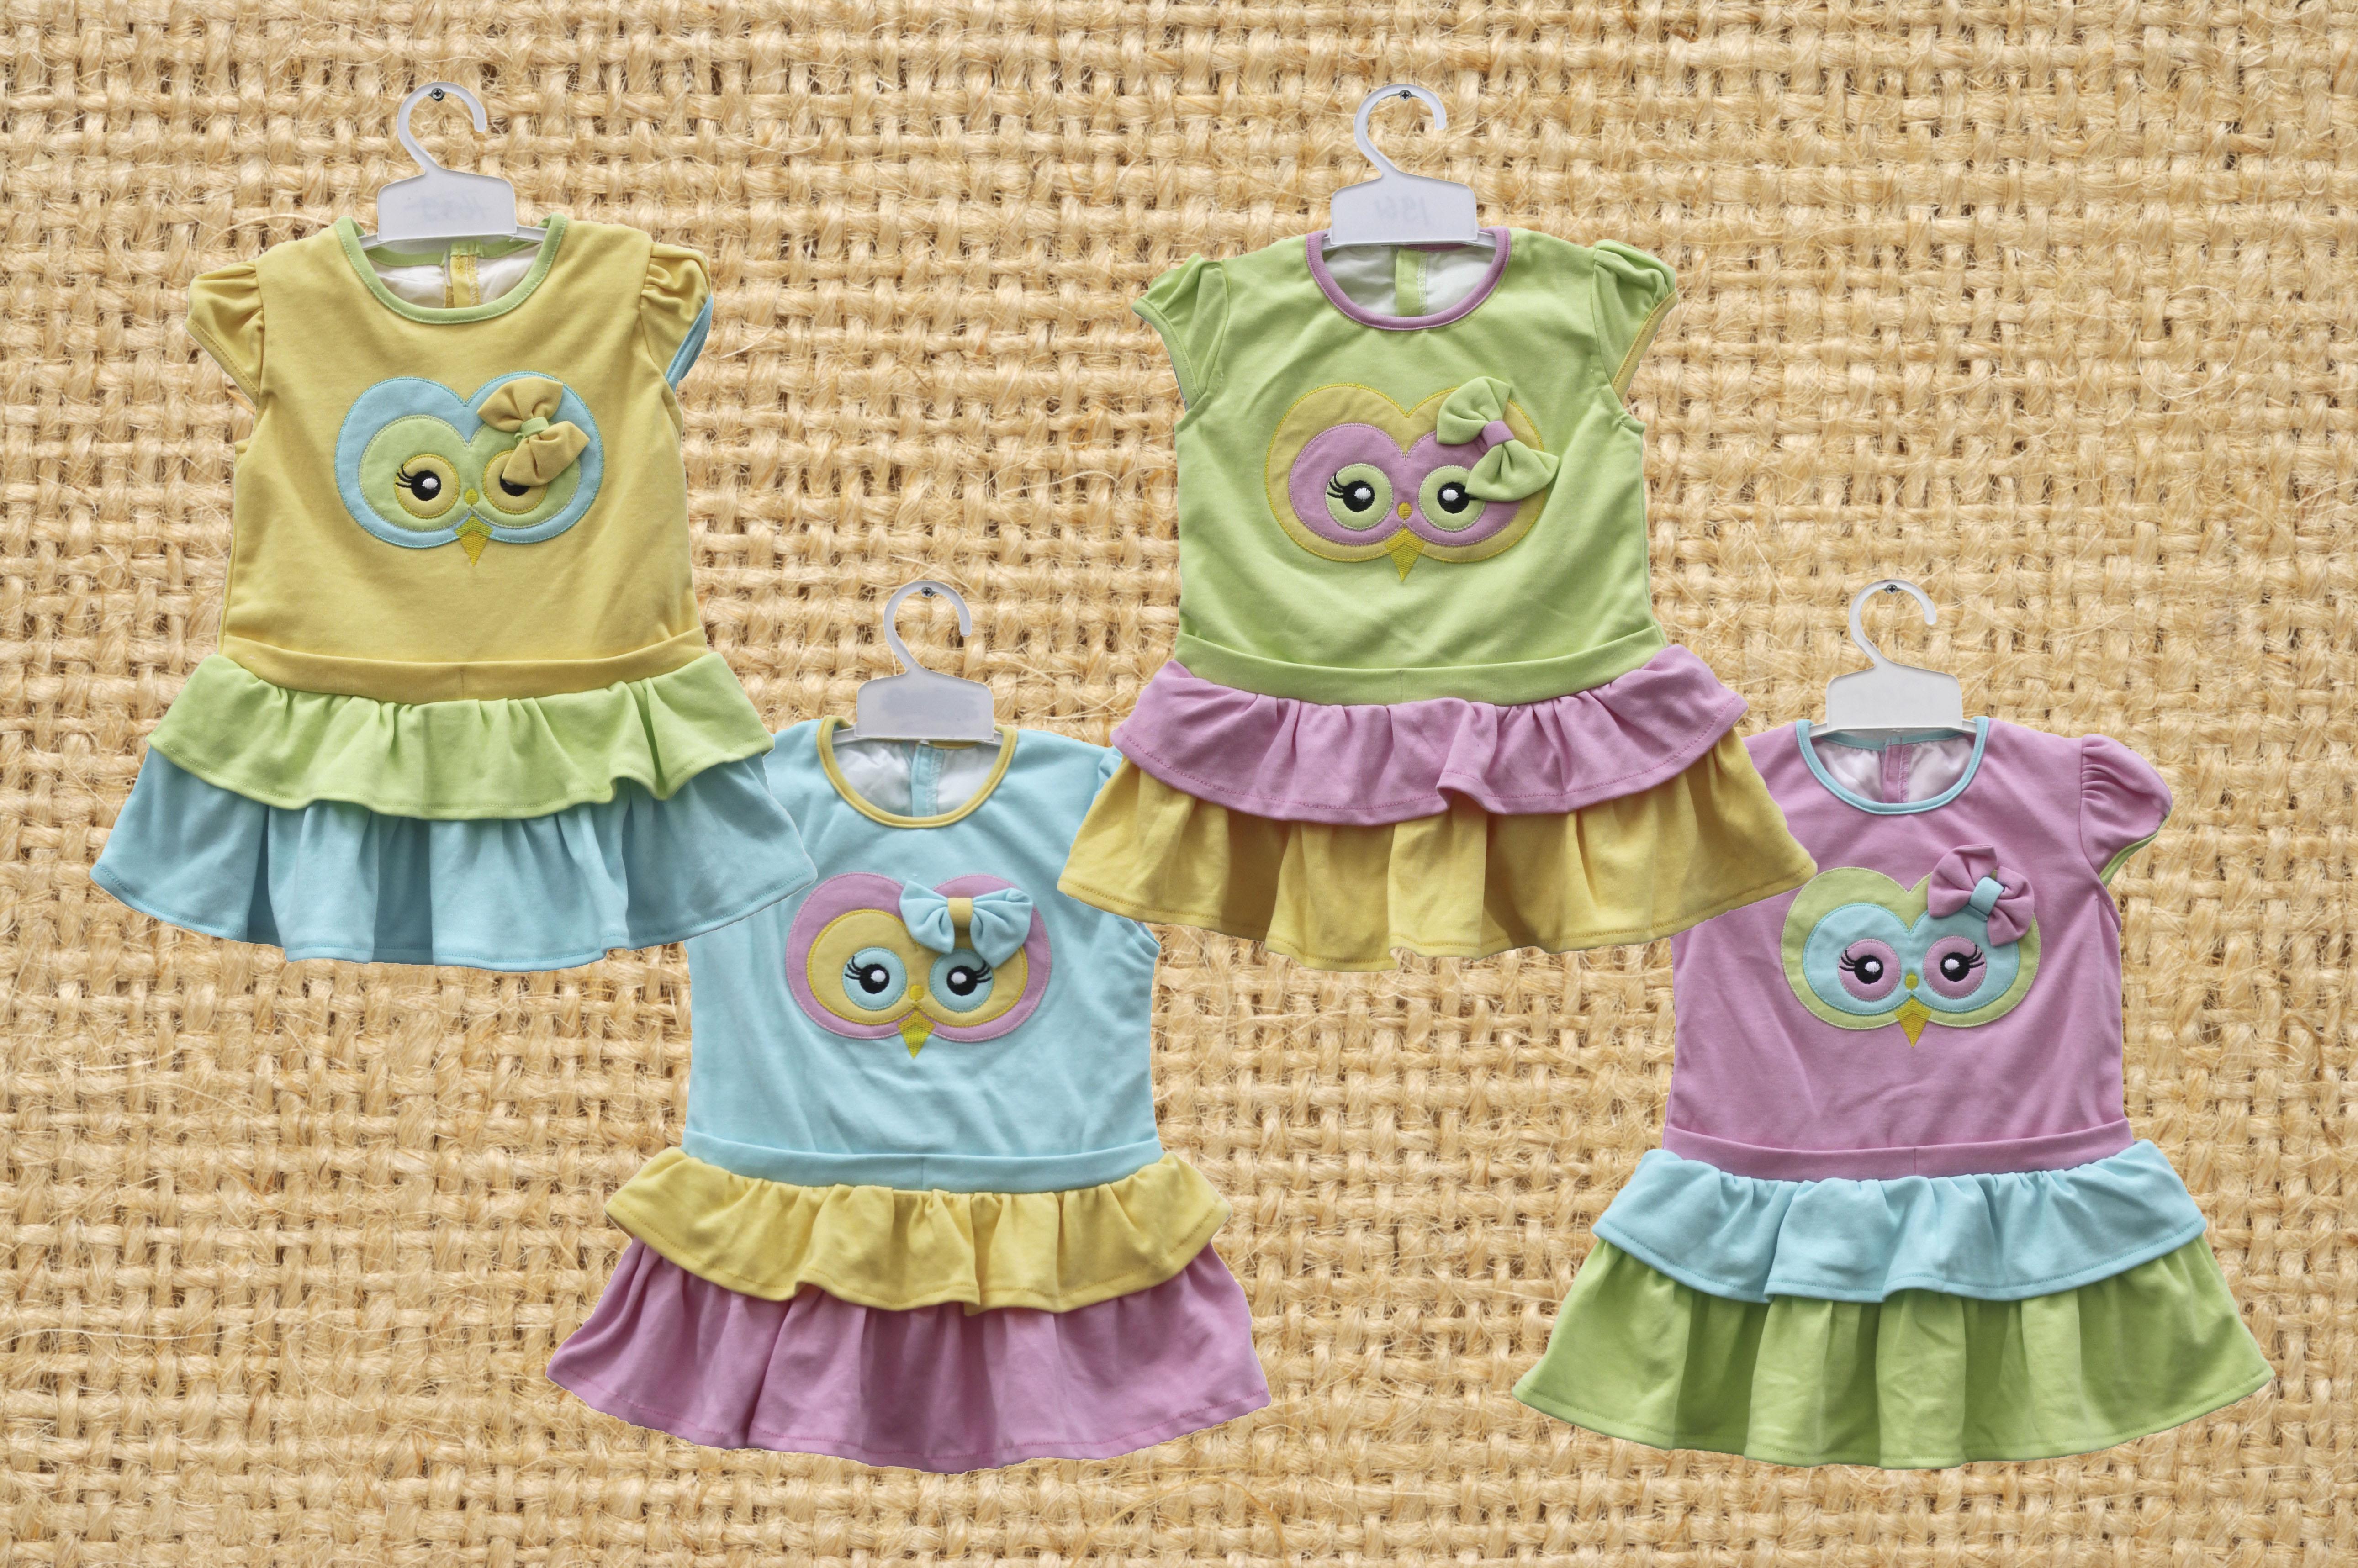 Jual Baju Bayi Owl Kombinasi 3 Warna 1932 Harga Murah